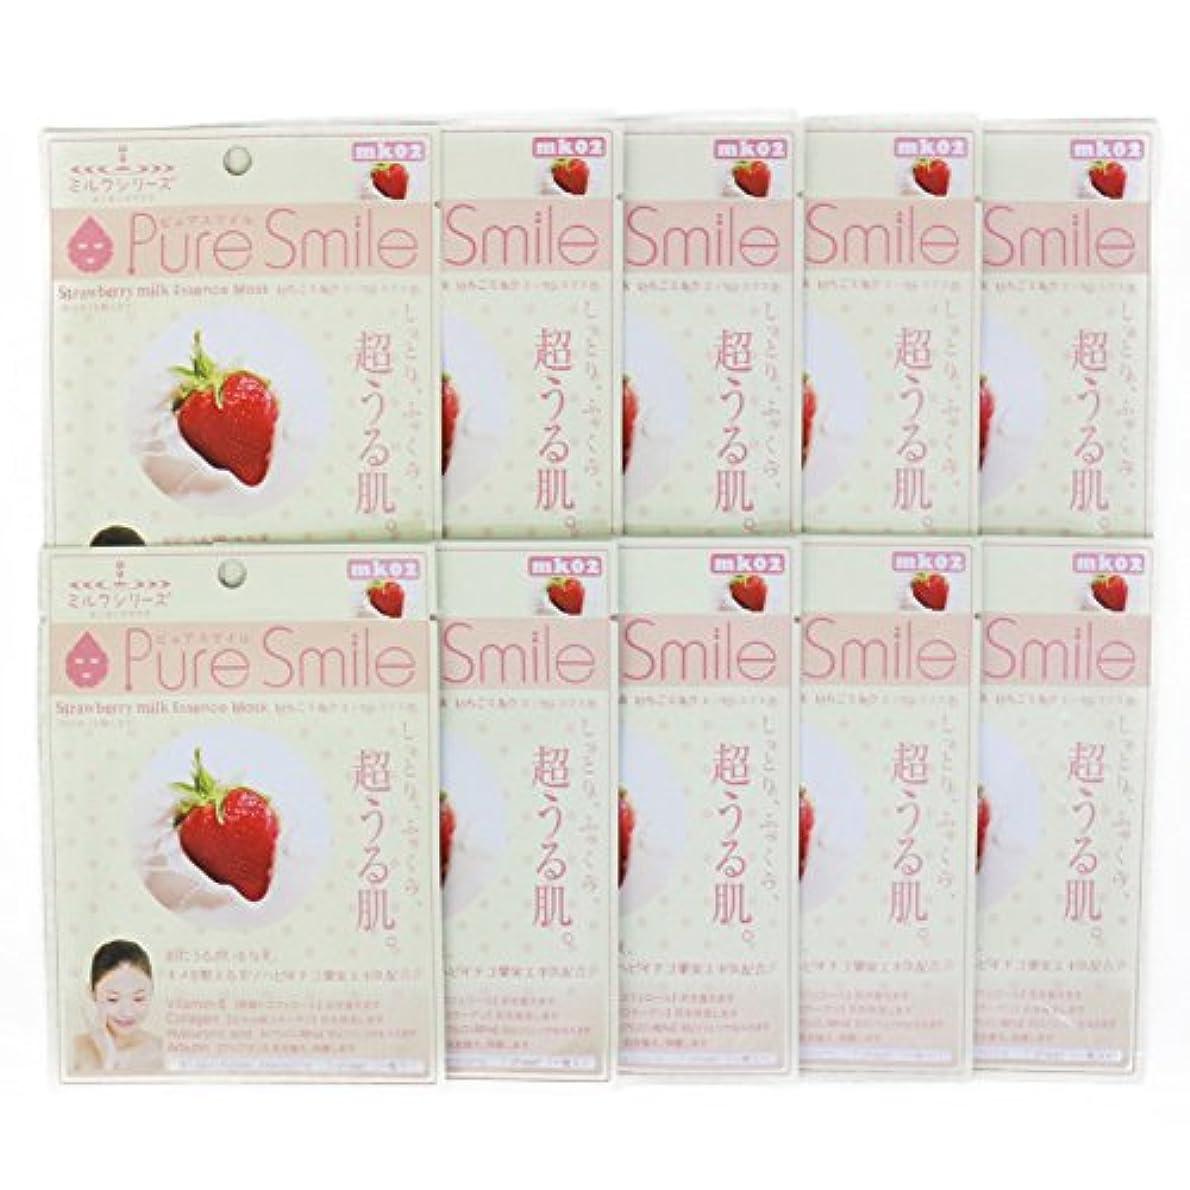 ストラップいとこメジャーPure Smile ピュアスマイル ミルクエッセンスマスク イチゴミルク 10枚セット